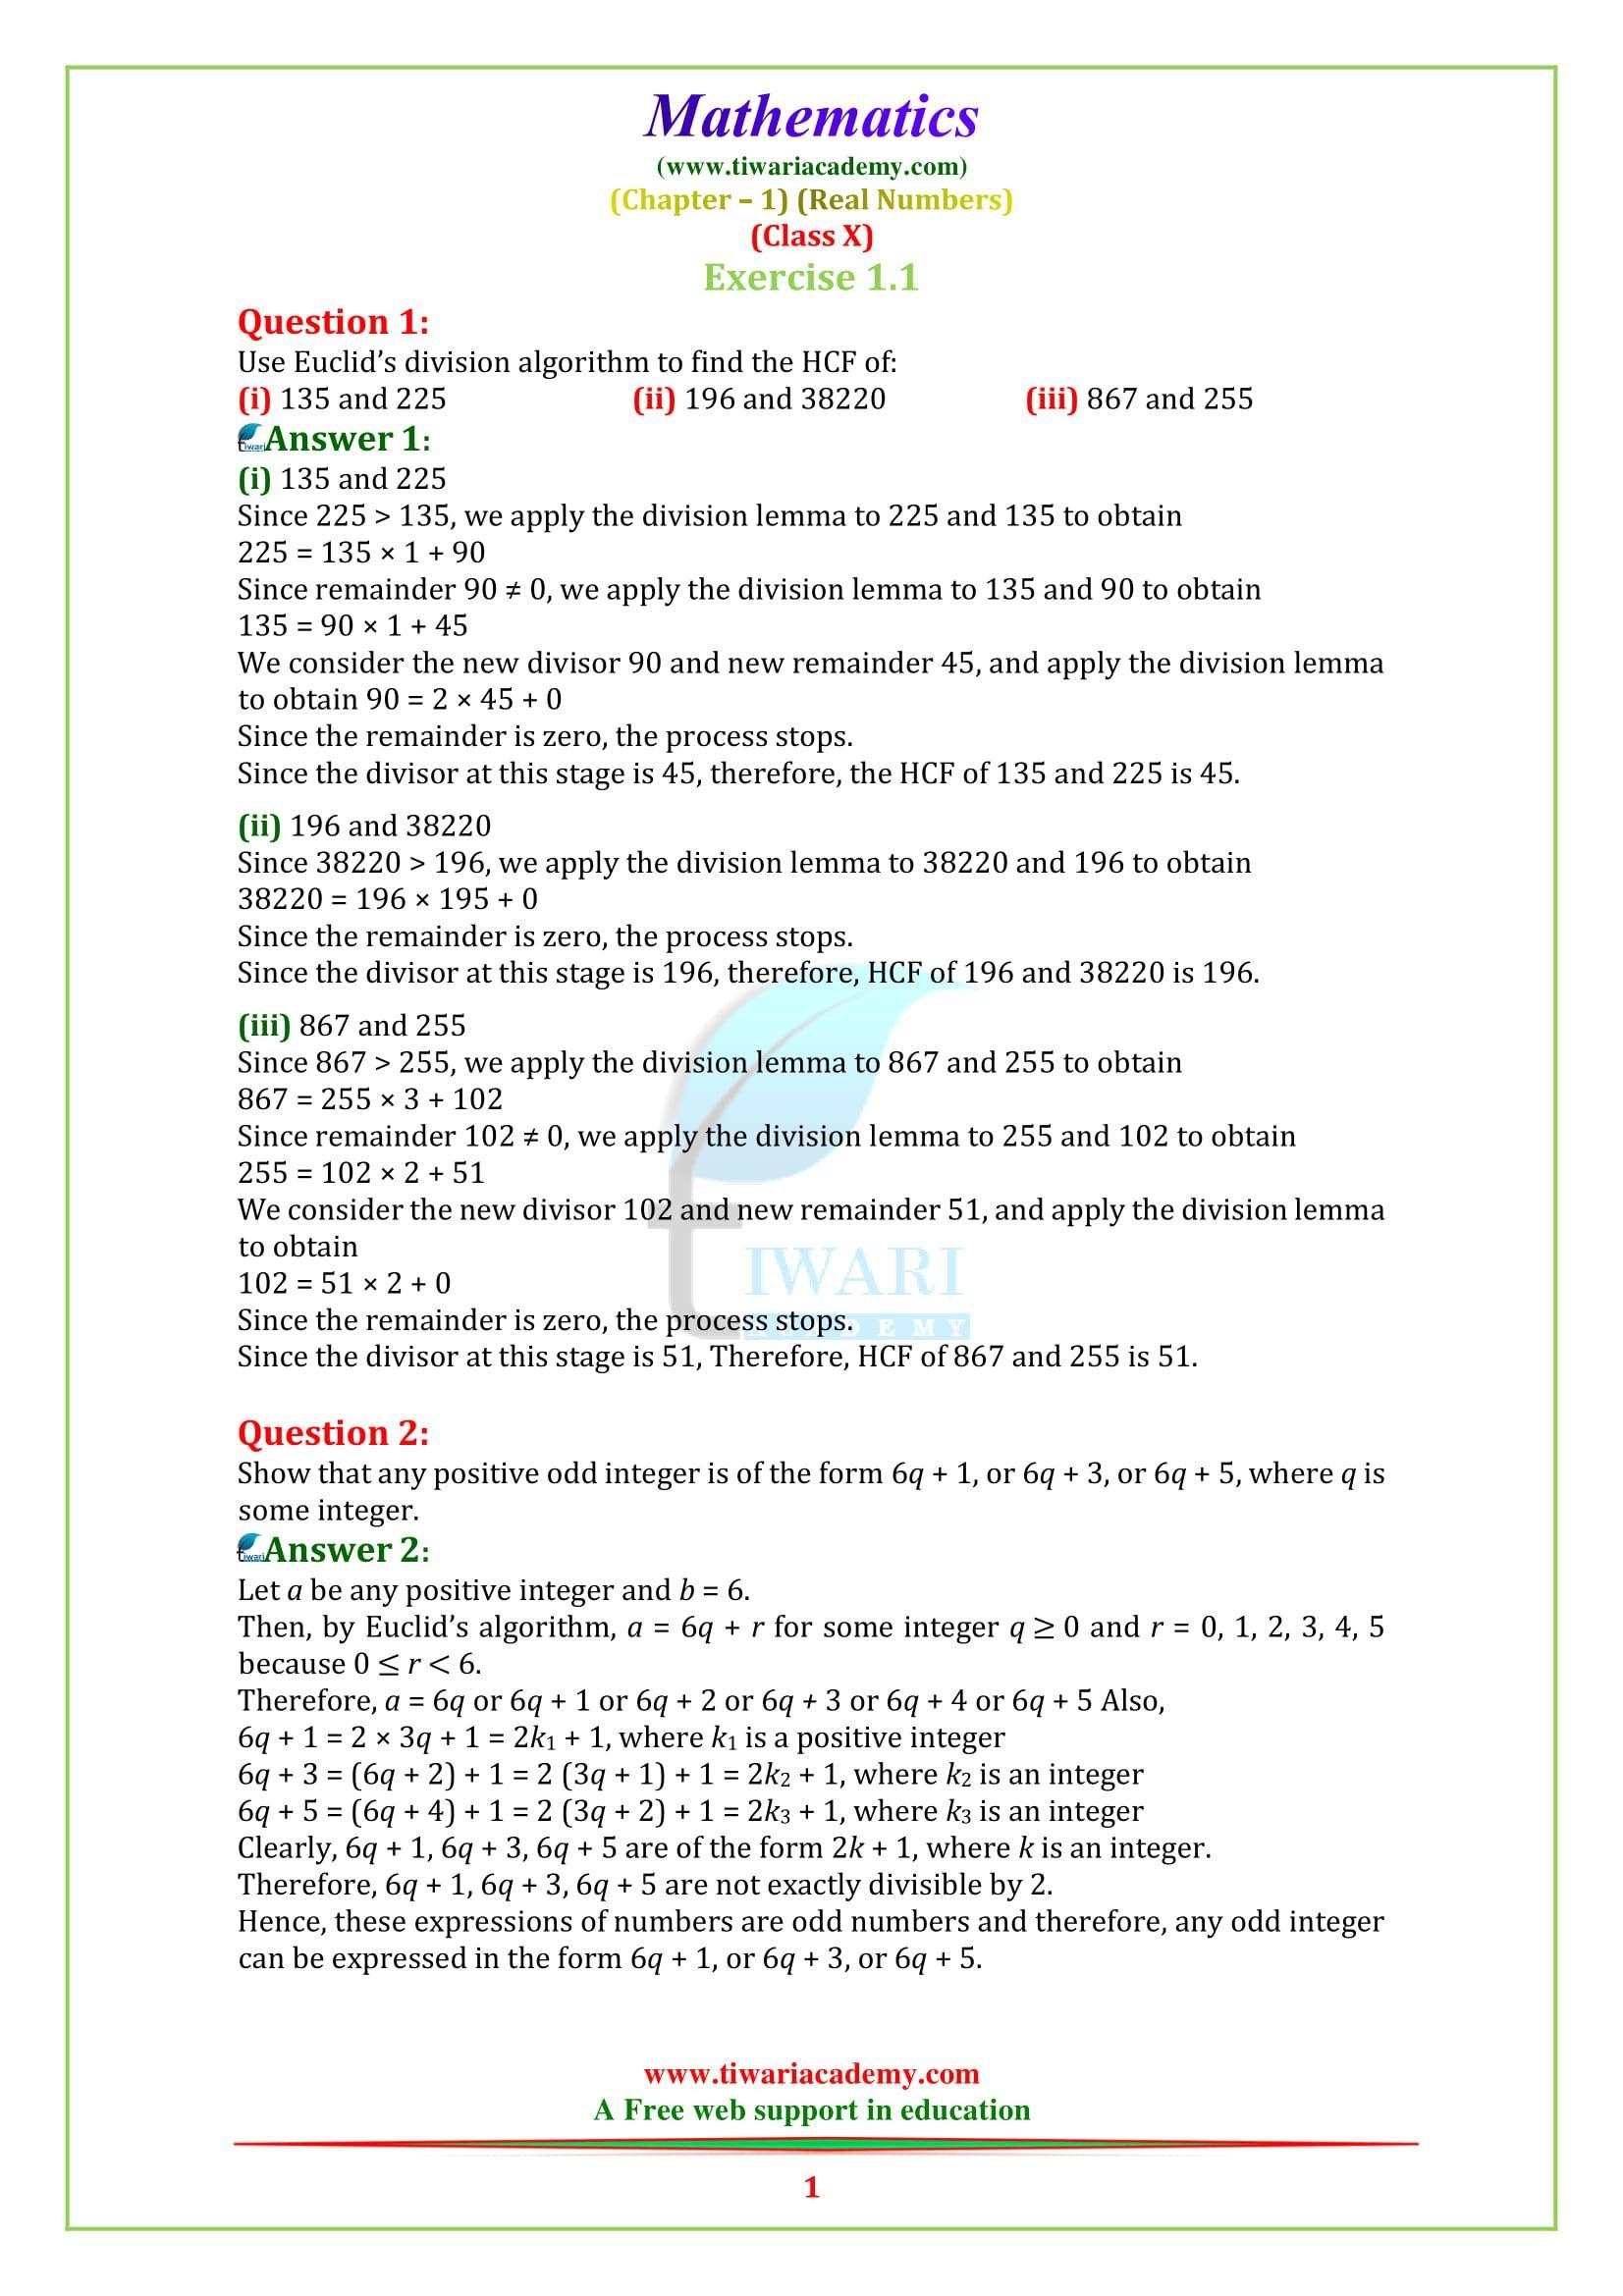 Ncert Solutions For Class 10 Maths Chapter 1 Exercise 1 1 Math Exercises Math Maths Ncert Solutions [ 2339 x 1653 Pixel ]